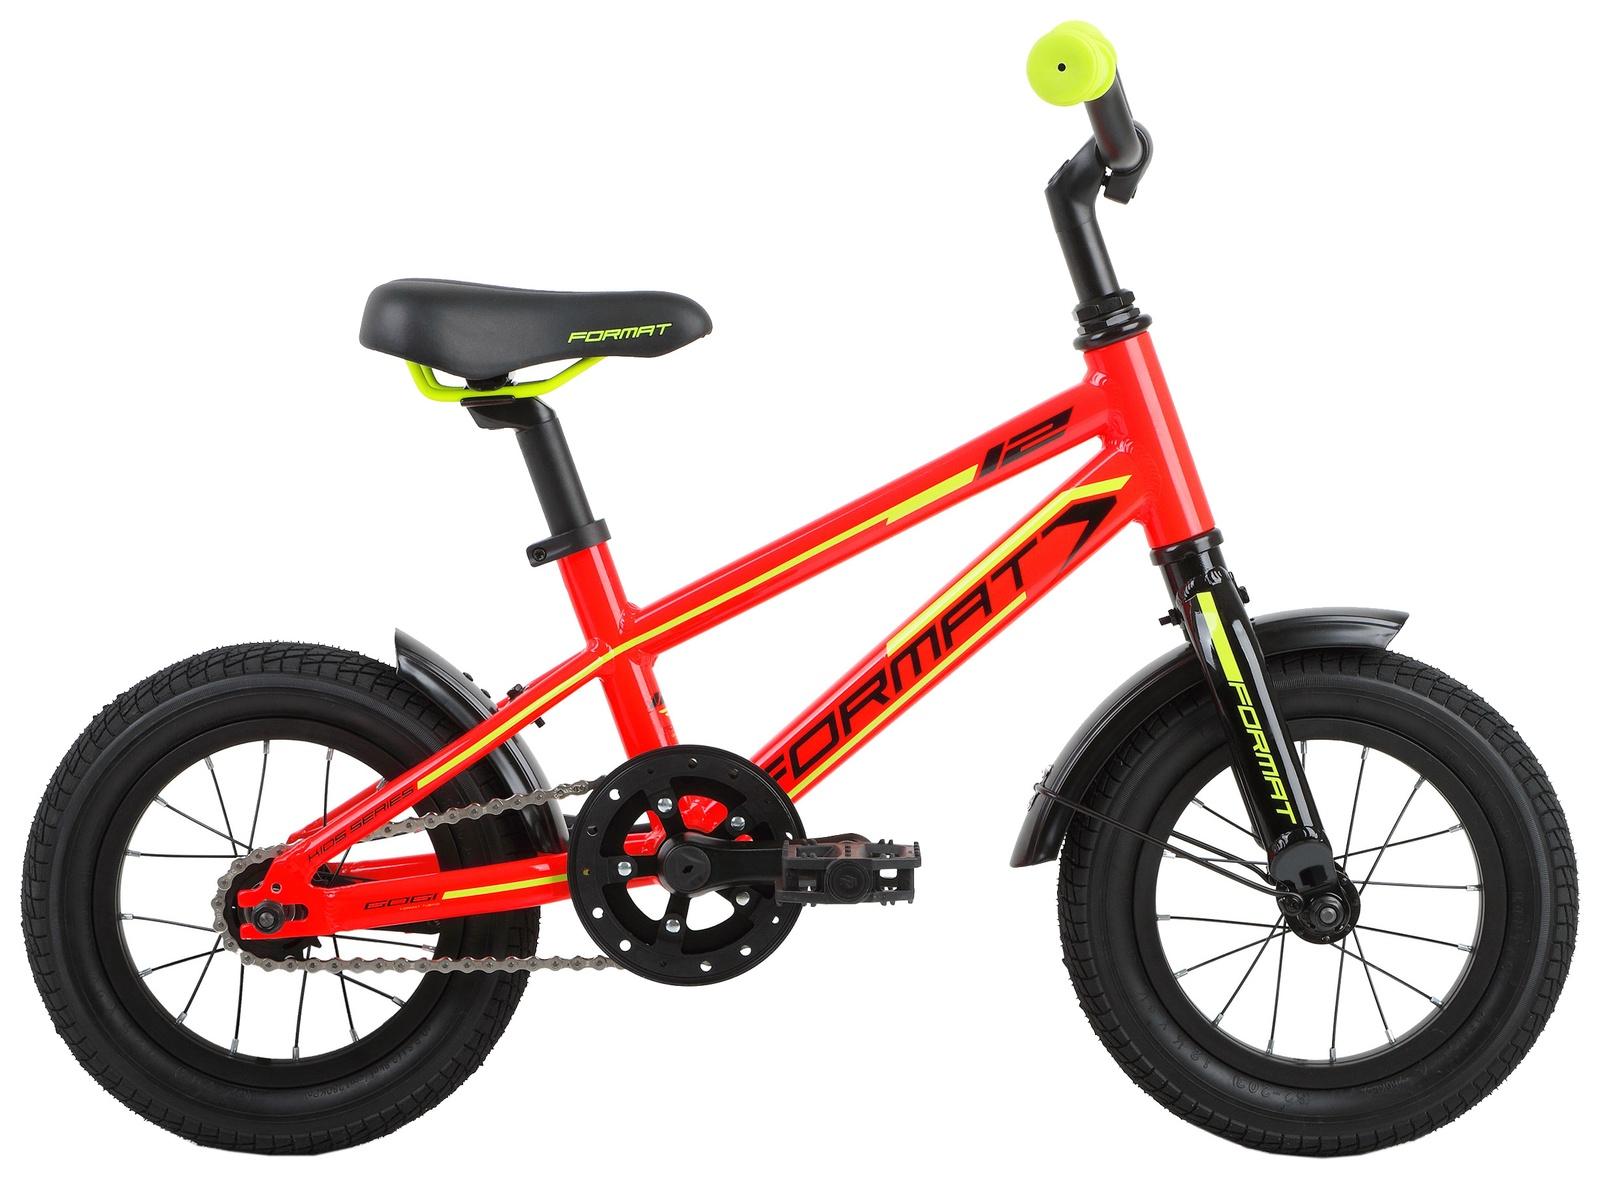 Велосипед Format Kids boy 12, RBKM7L6E1001, красный